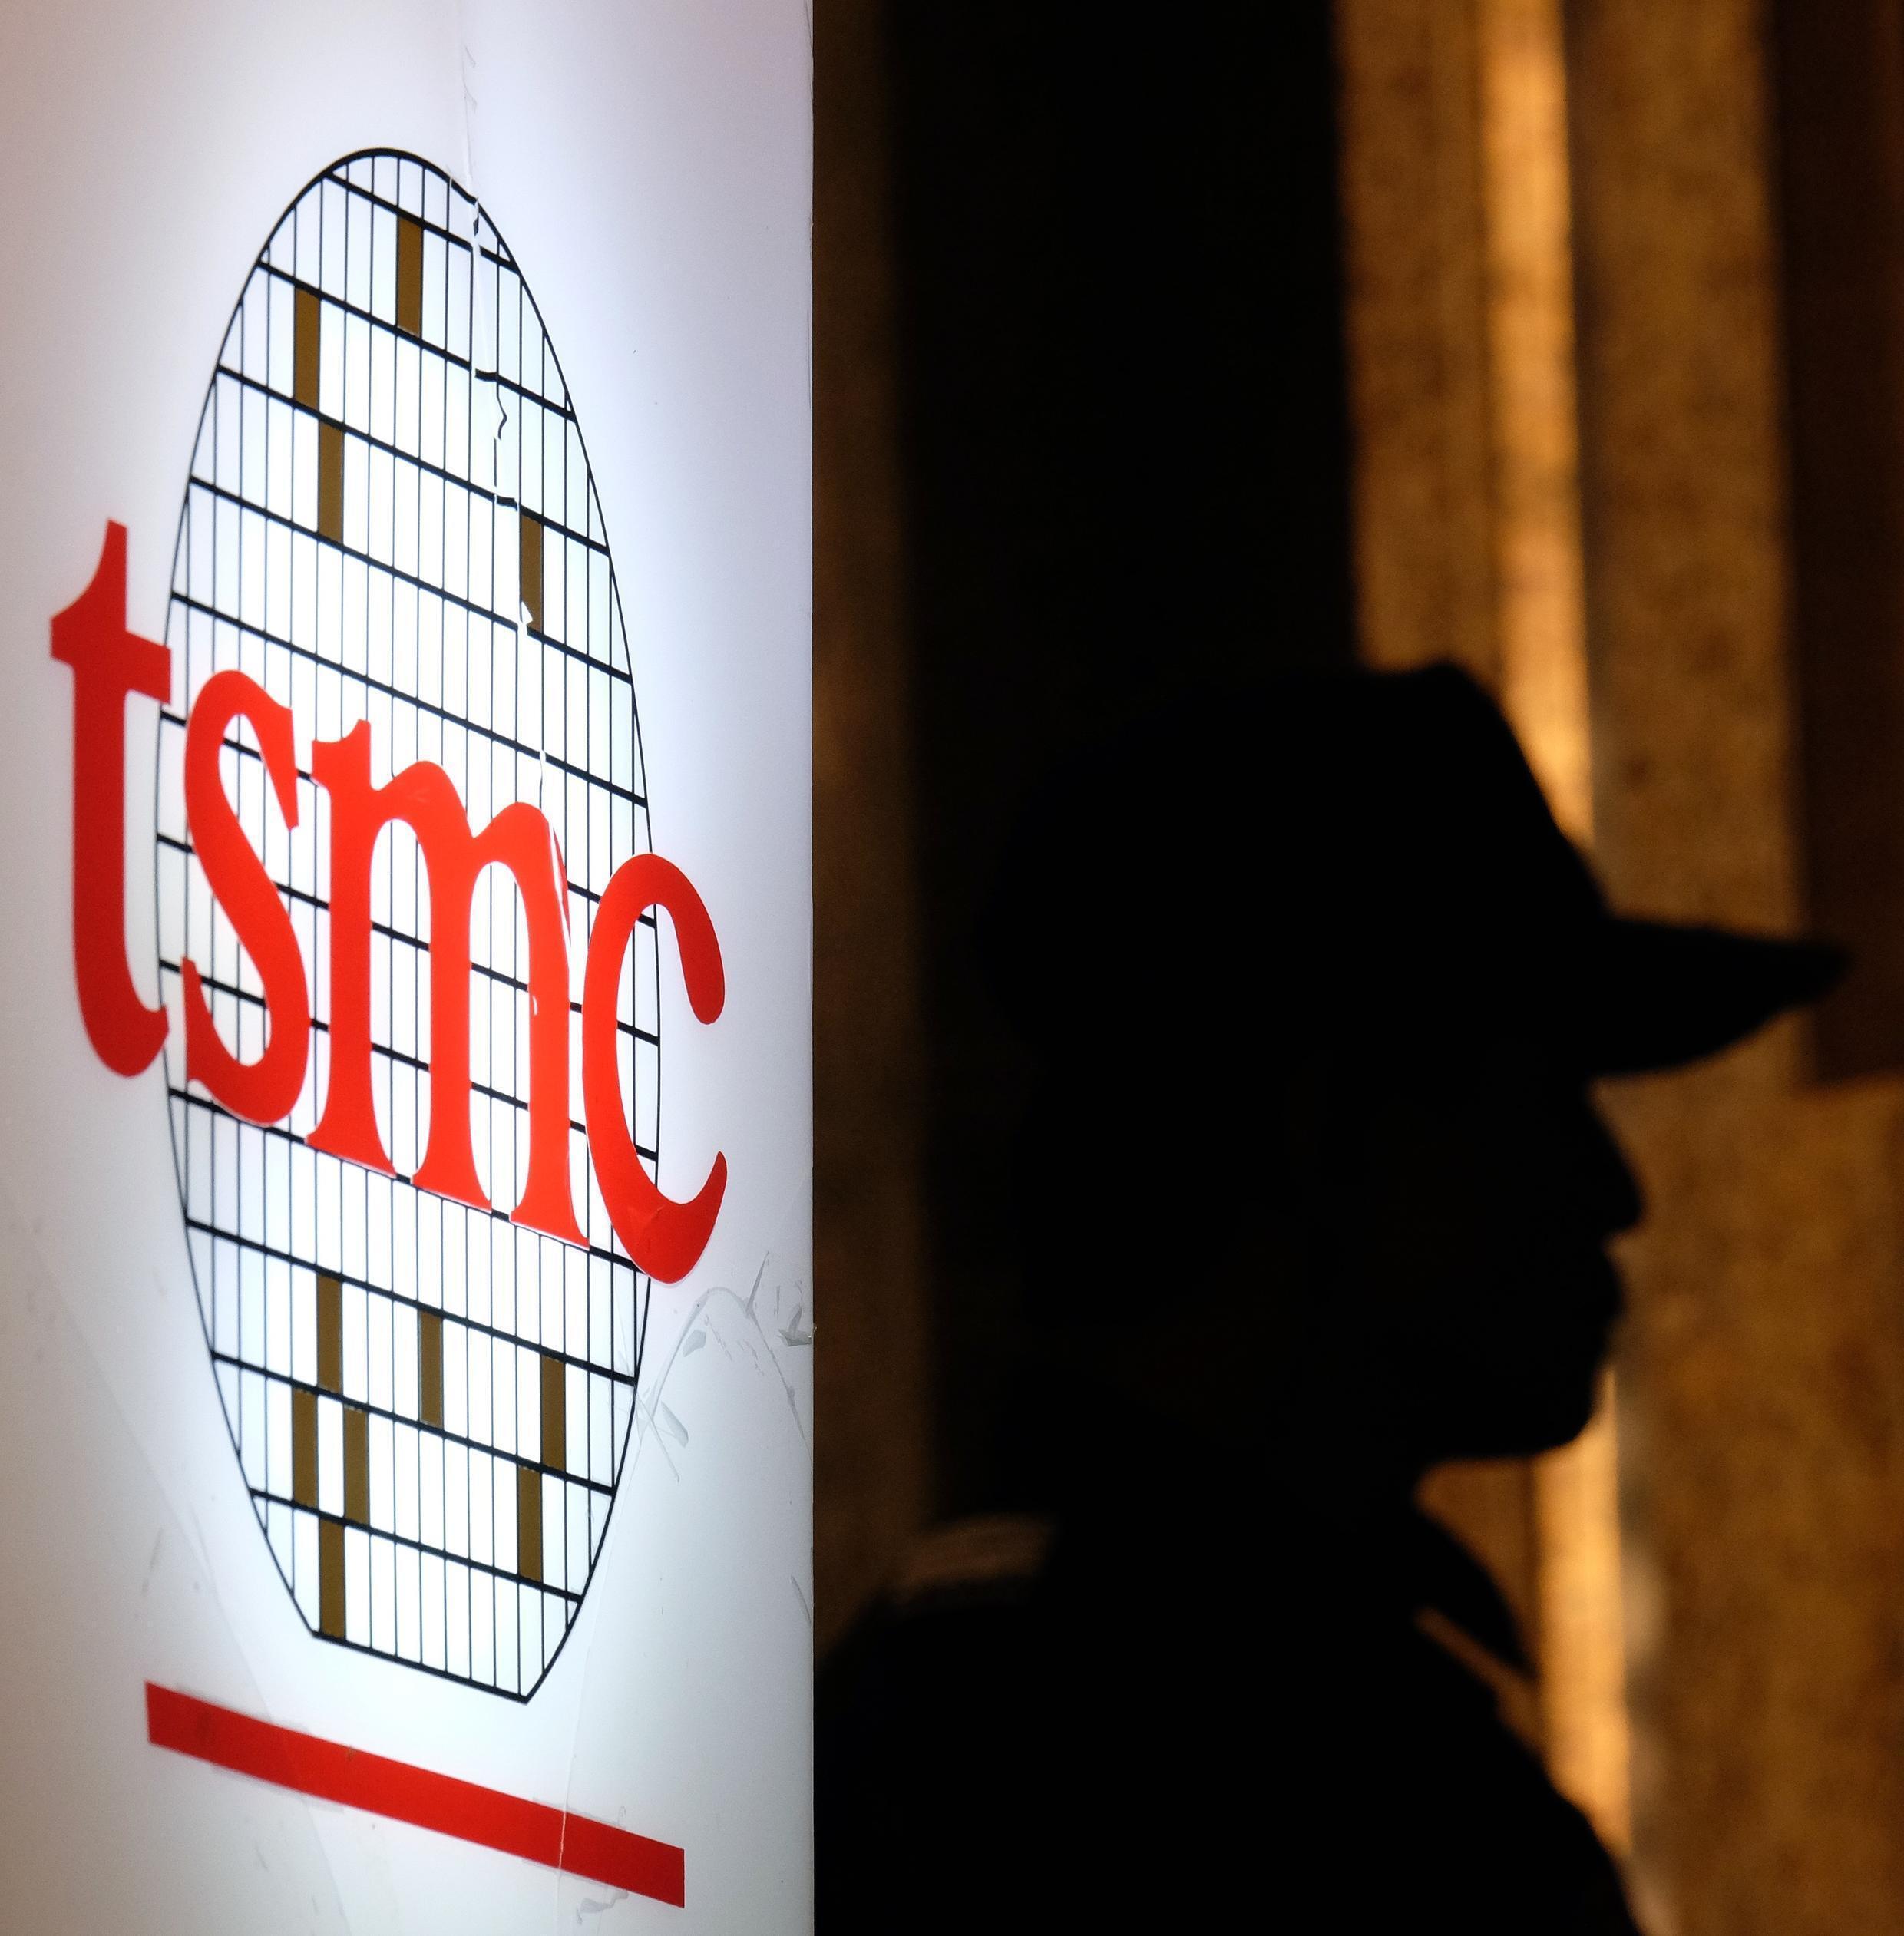 Un logotipo de la compañía taiwanesa TSMC durante una conferencia de inversores el 16 de julio del año 2014 en Taipei